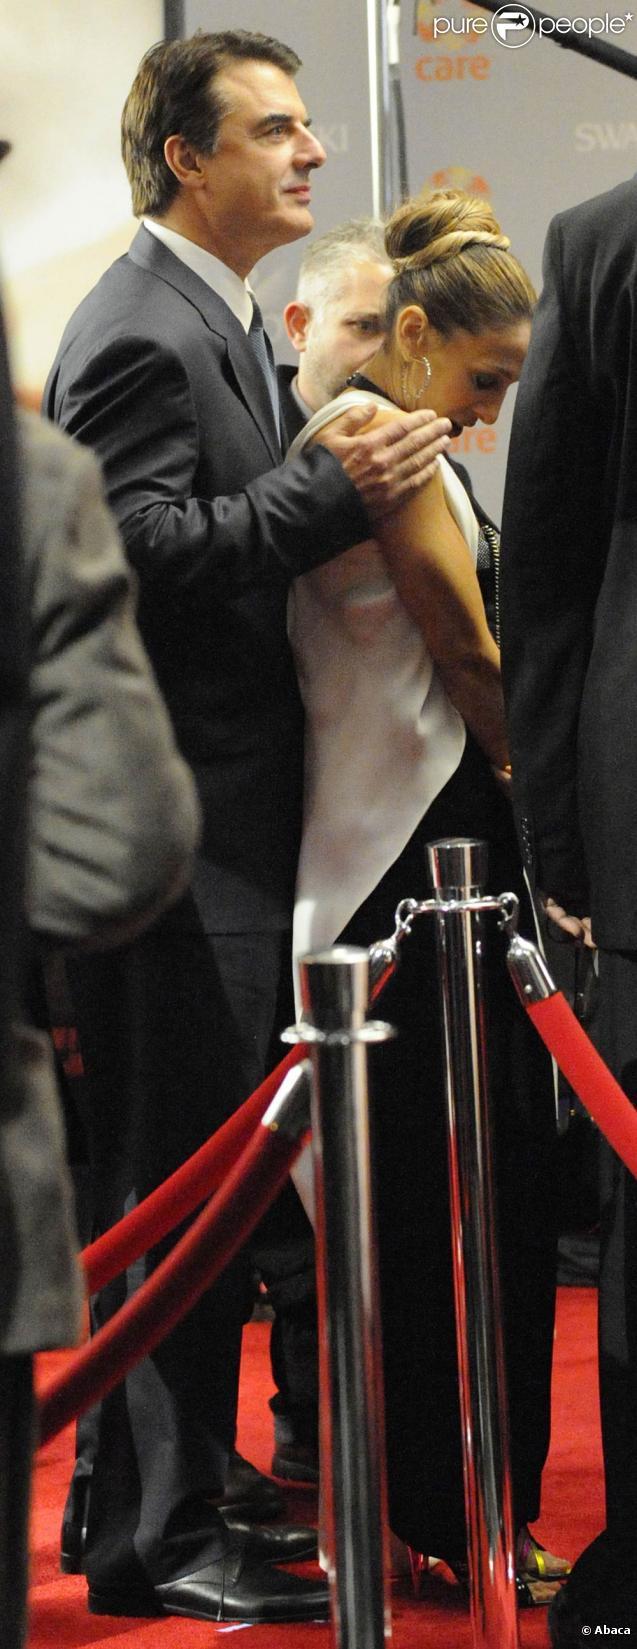 Sarah Jessica Parker et Chris Noth sur le tournage de Sex and The City 2 le 17 octobre 2009